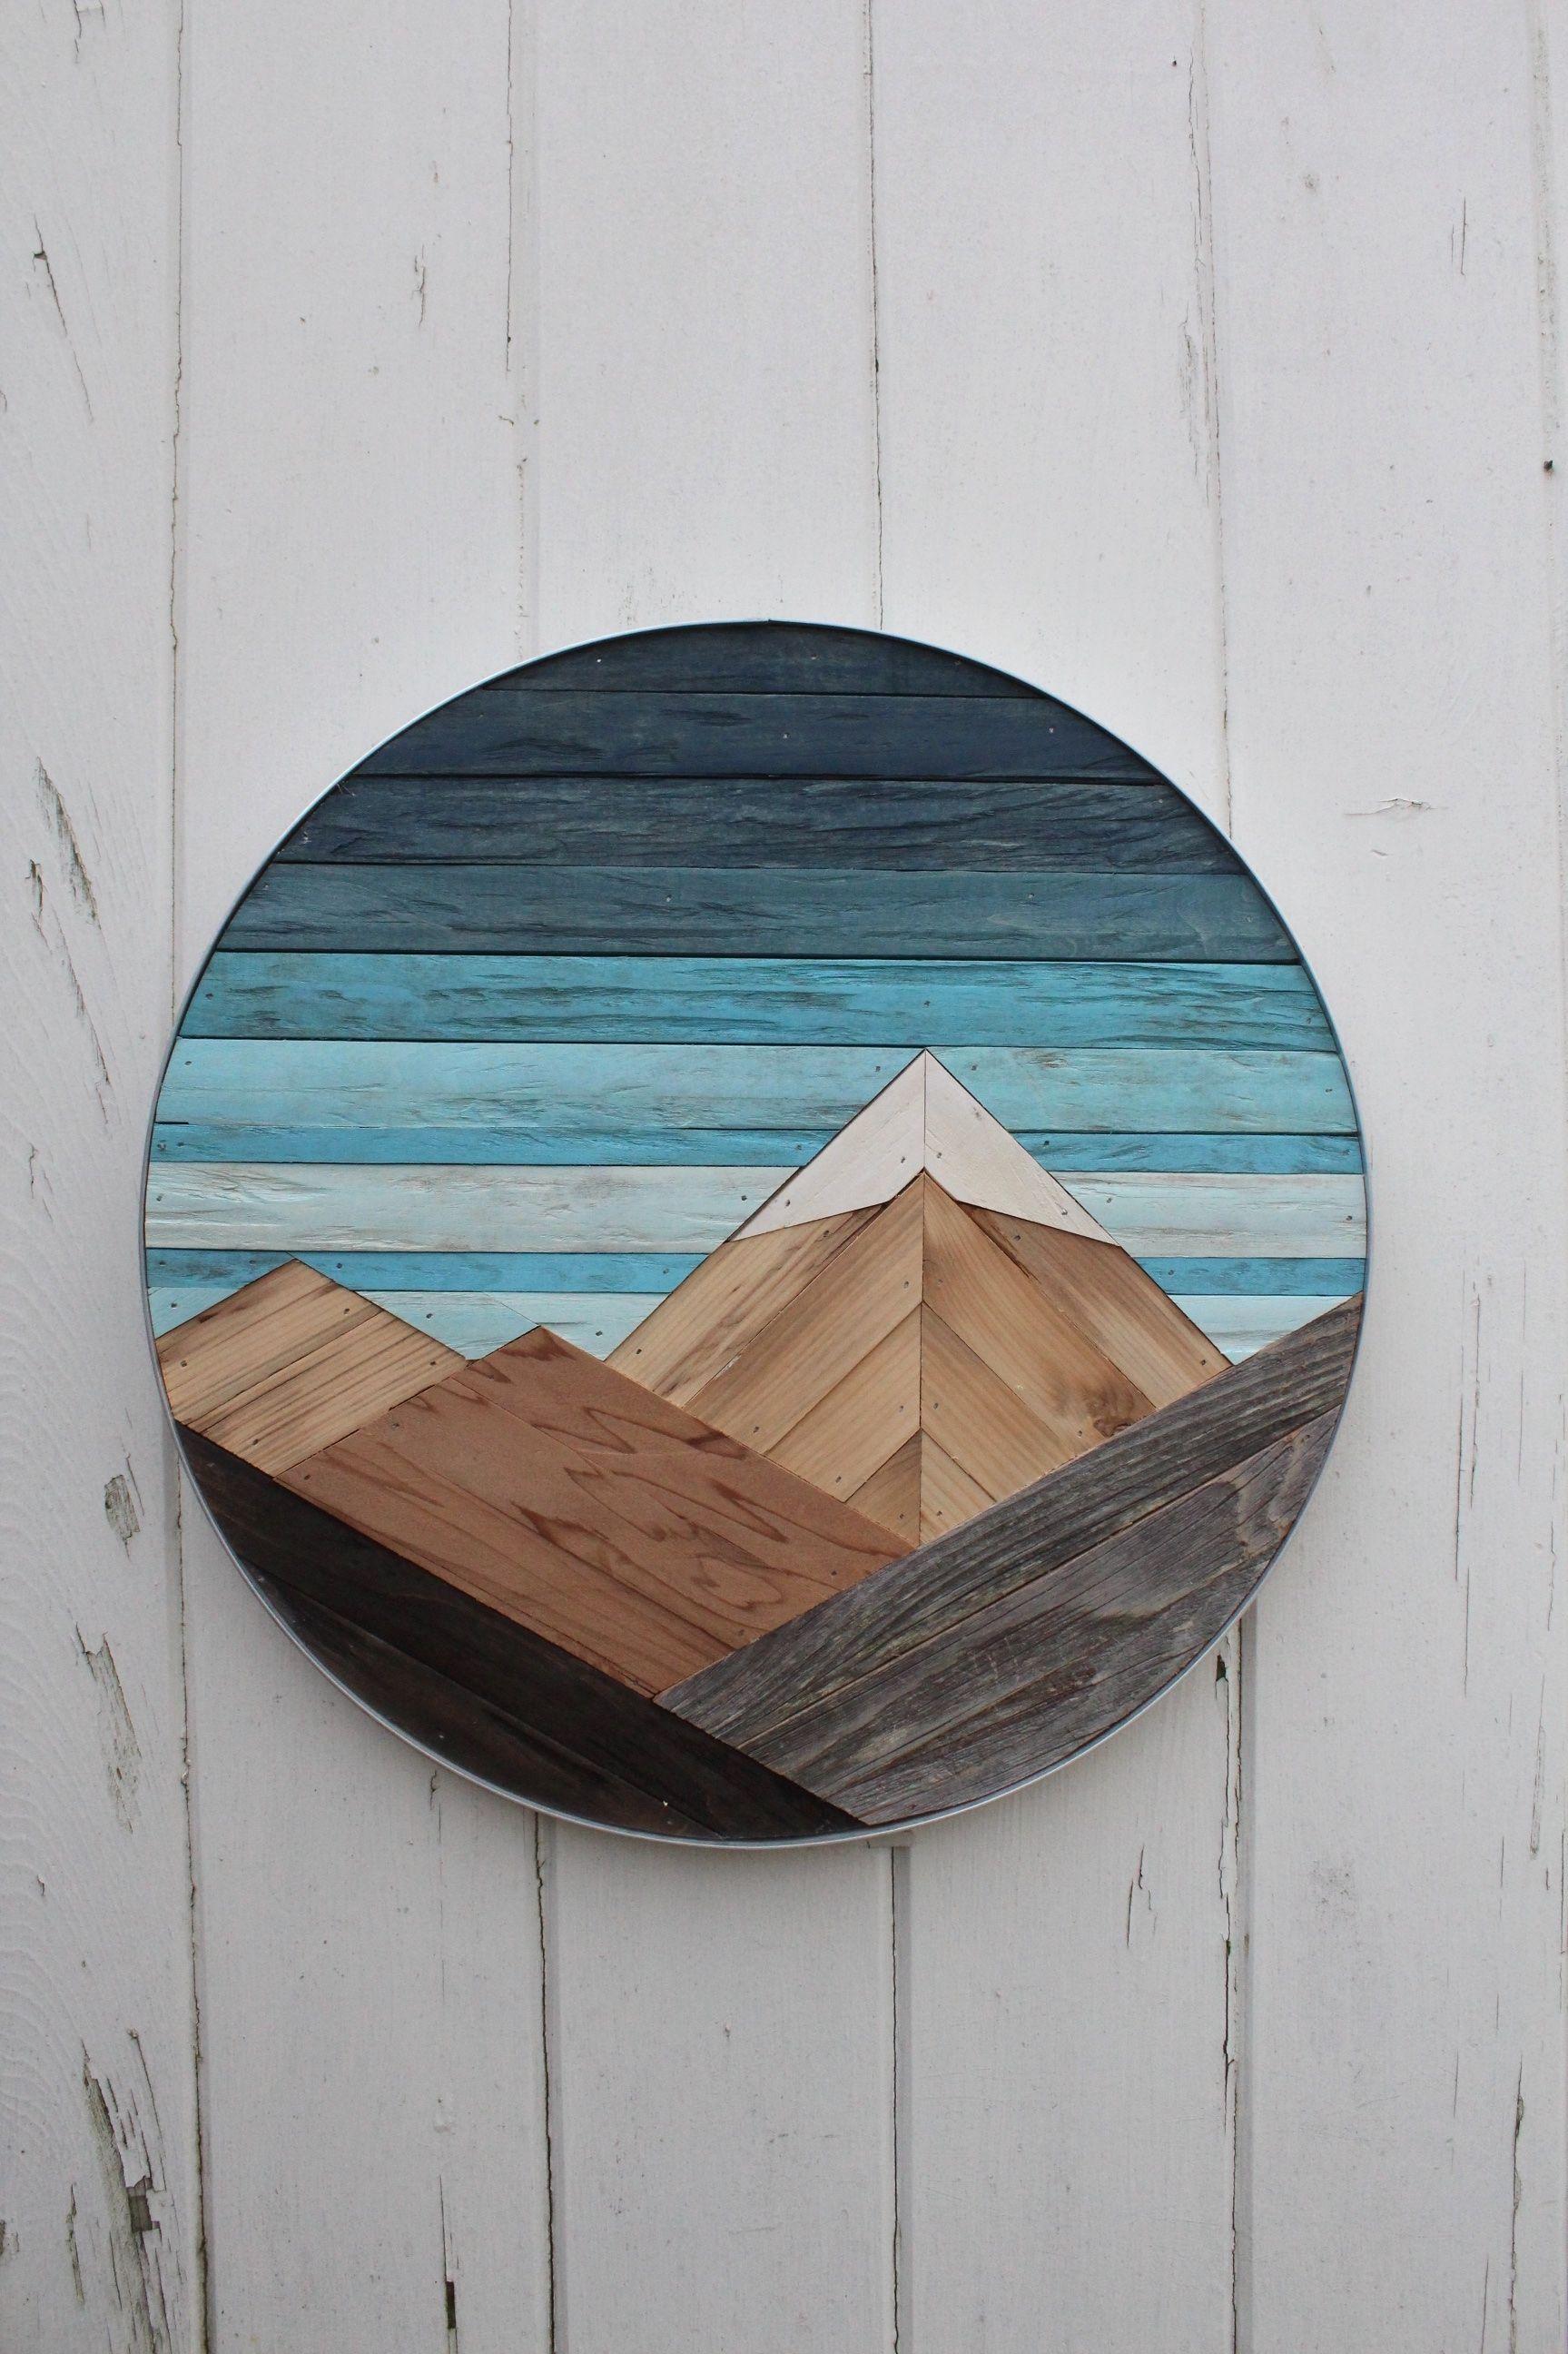 Wood Mountain Art